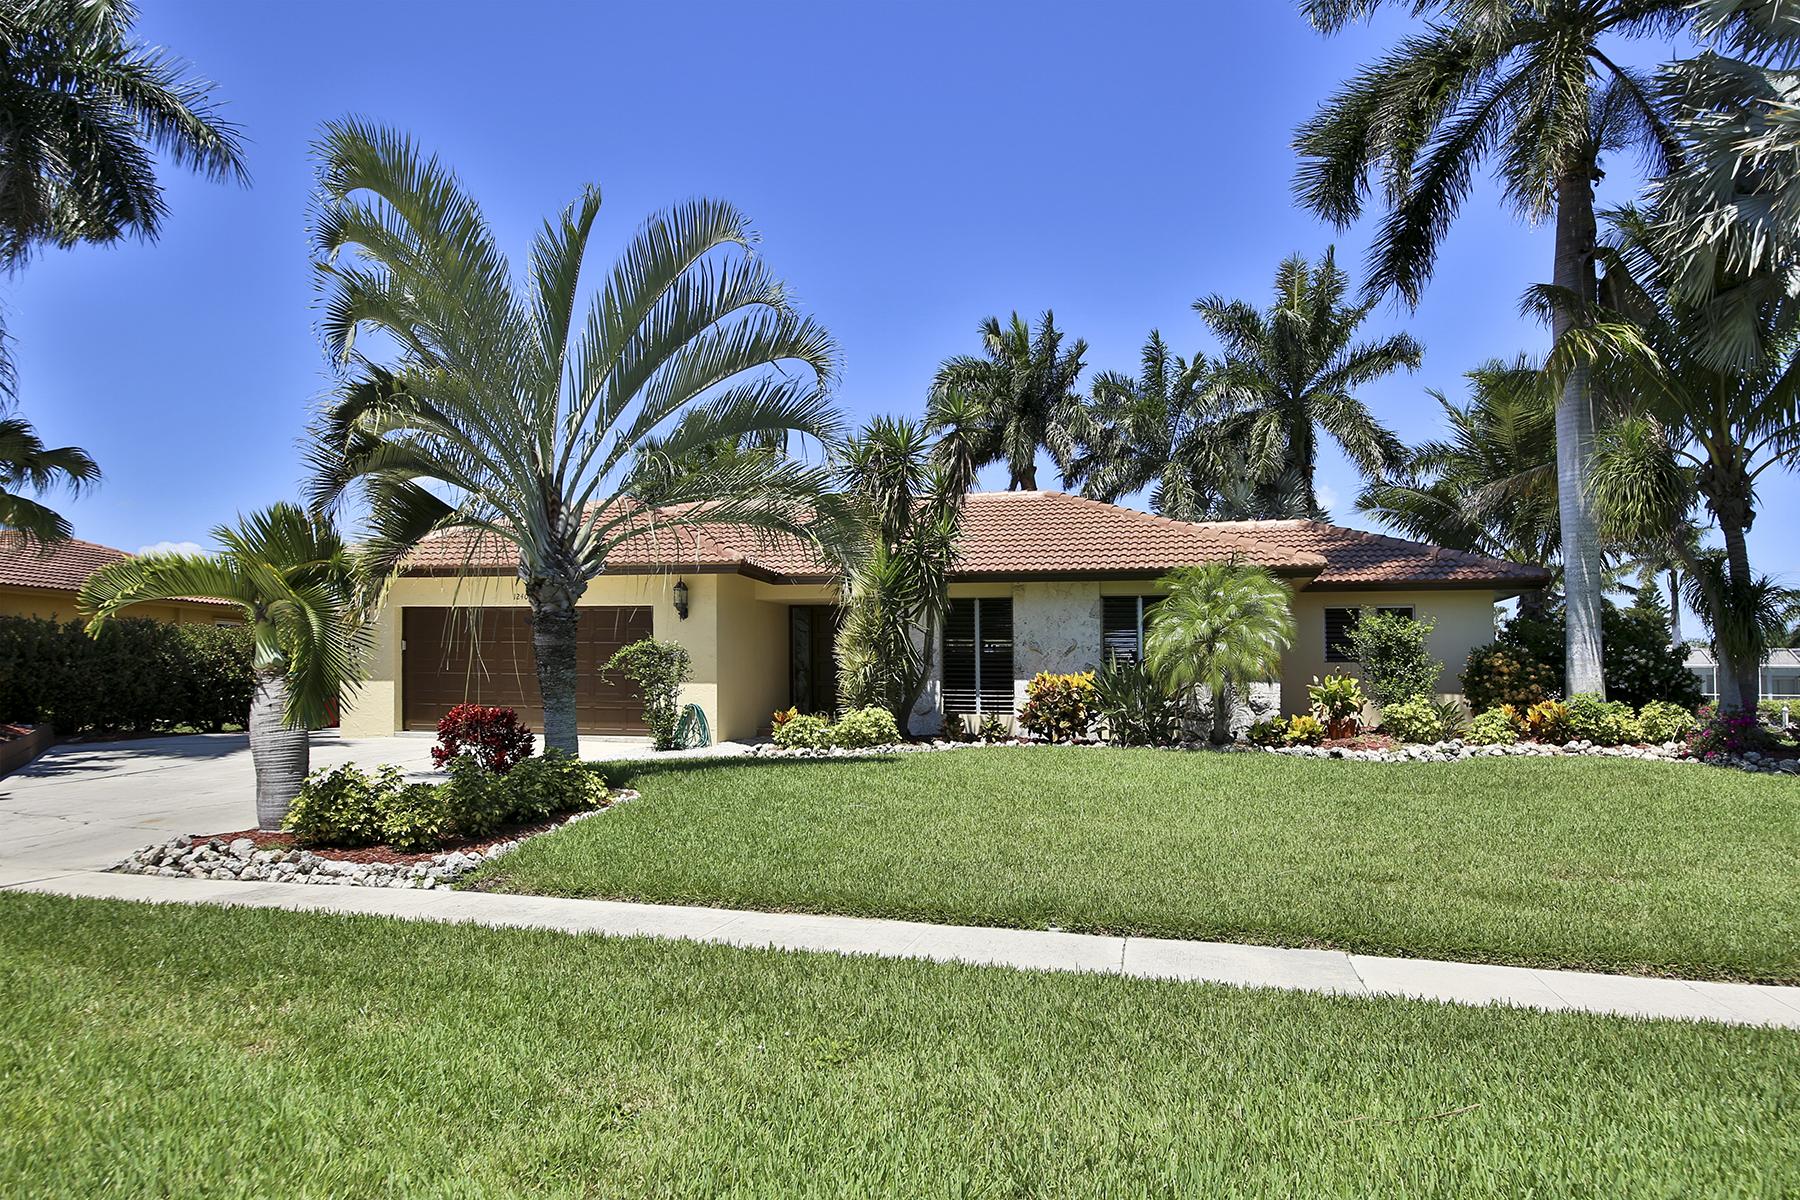 Tek Ailelik Ev için Satış at MARCO ISLAND - LAUREL COURT 1240 Laurel Ct Marco Island, Florida 34145 Amerika Birleşik Devletleri